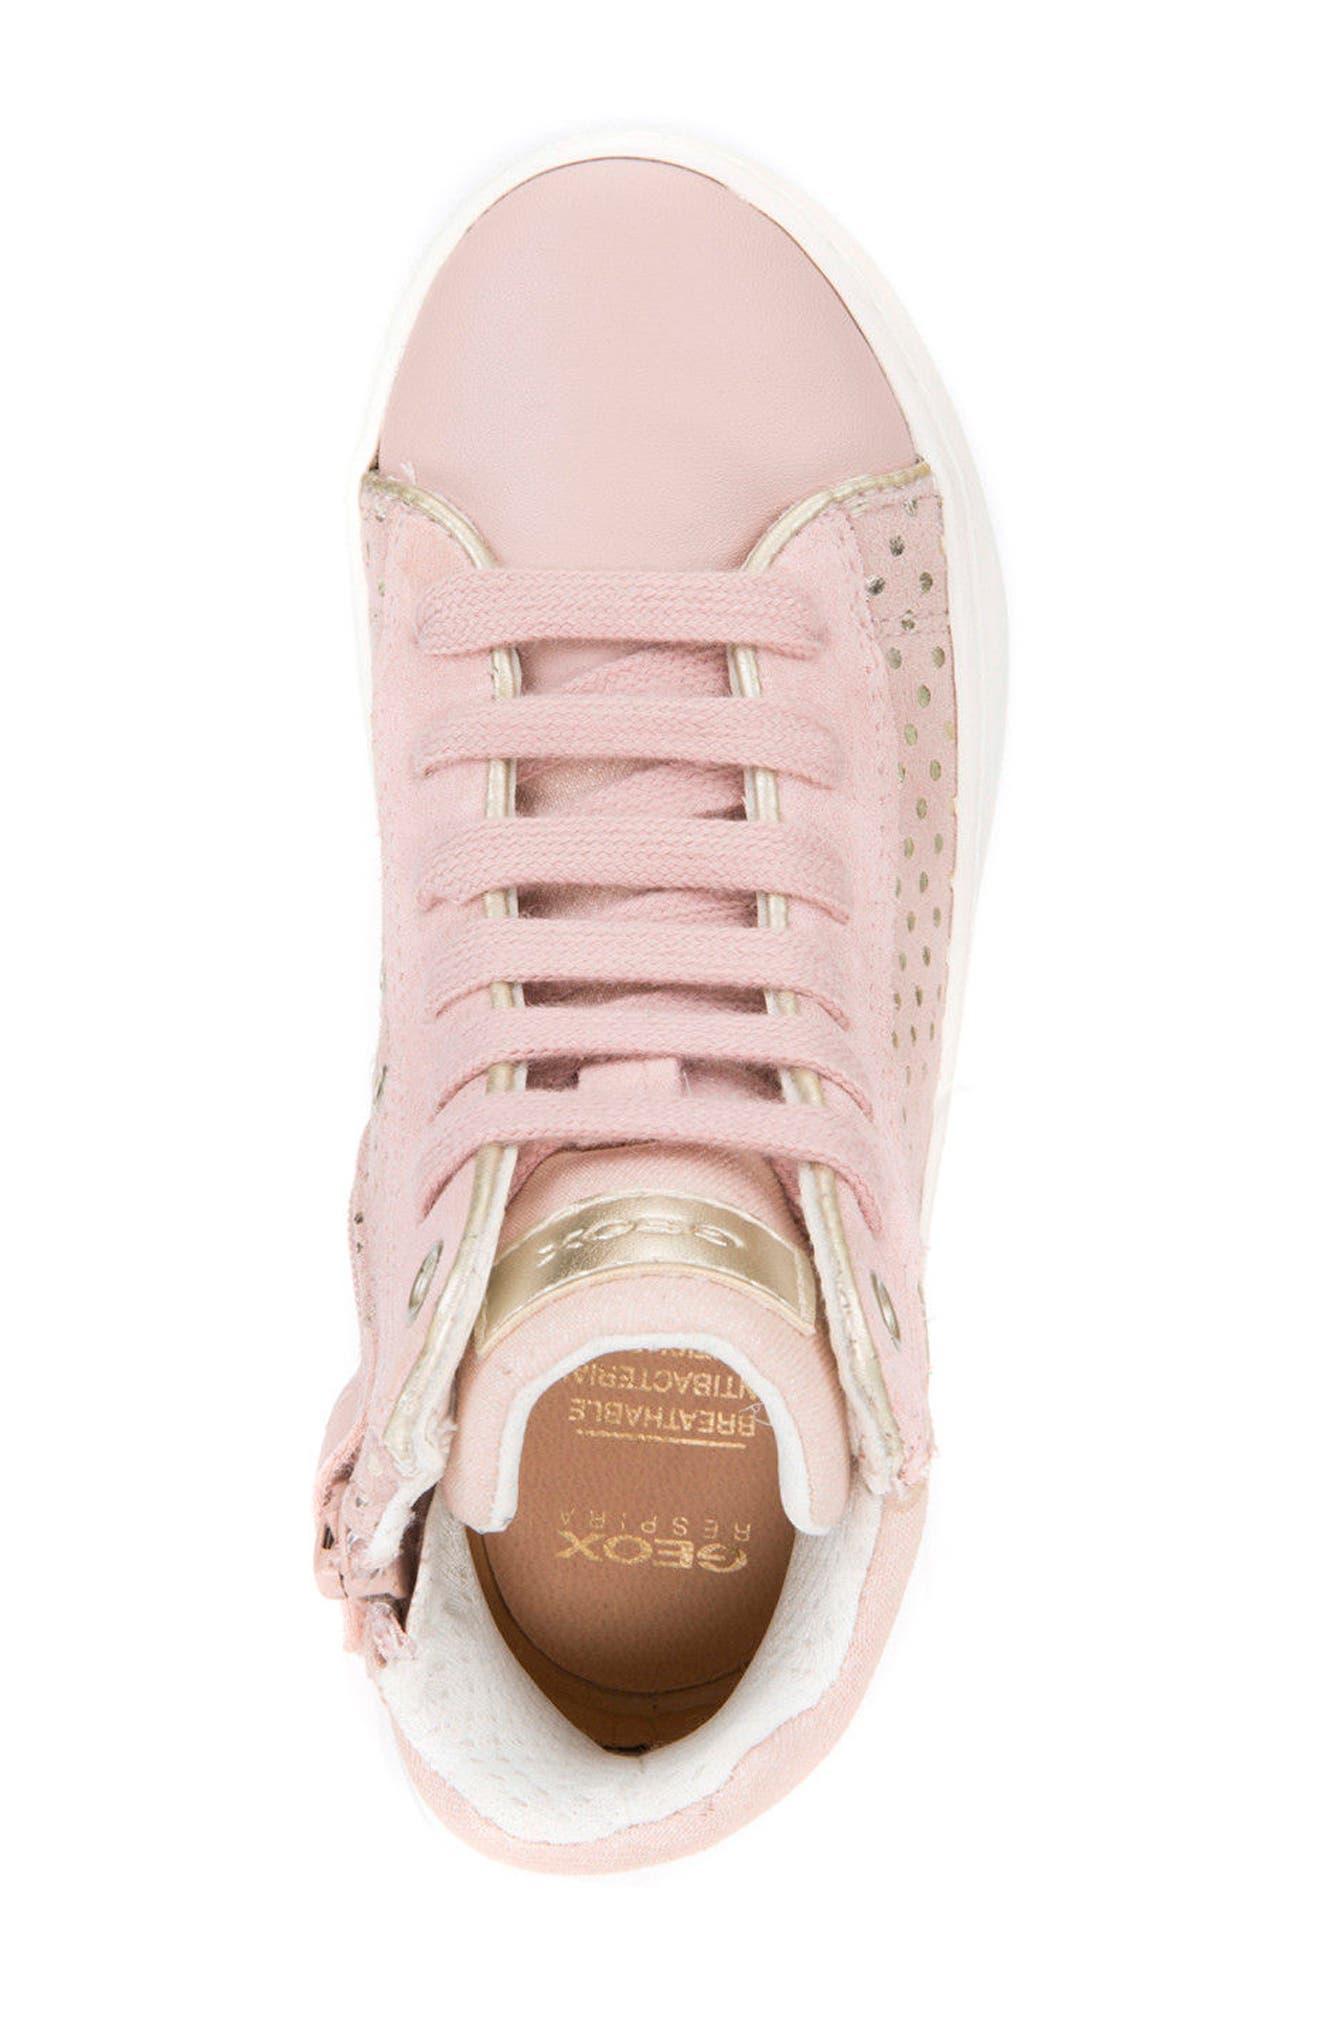 Kilwi High Top Zip Sneaker,                             Alternate thumbnail 5, color,                             ROSE